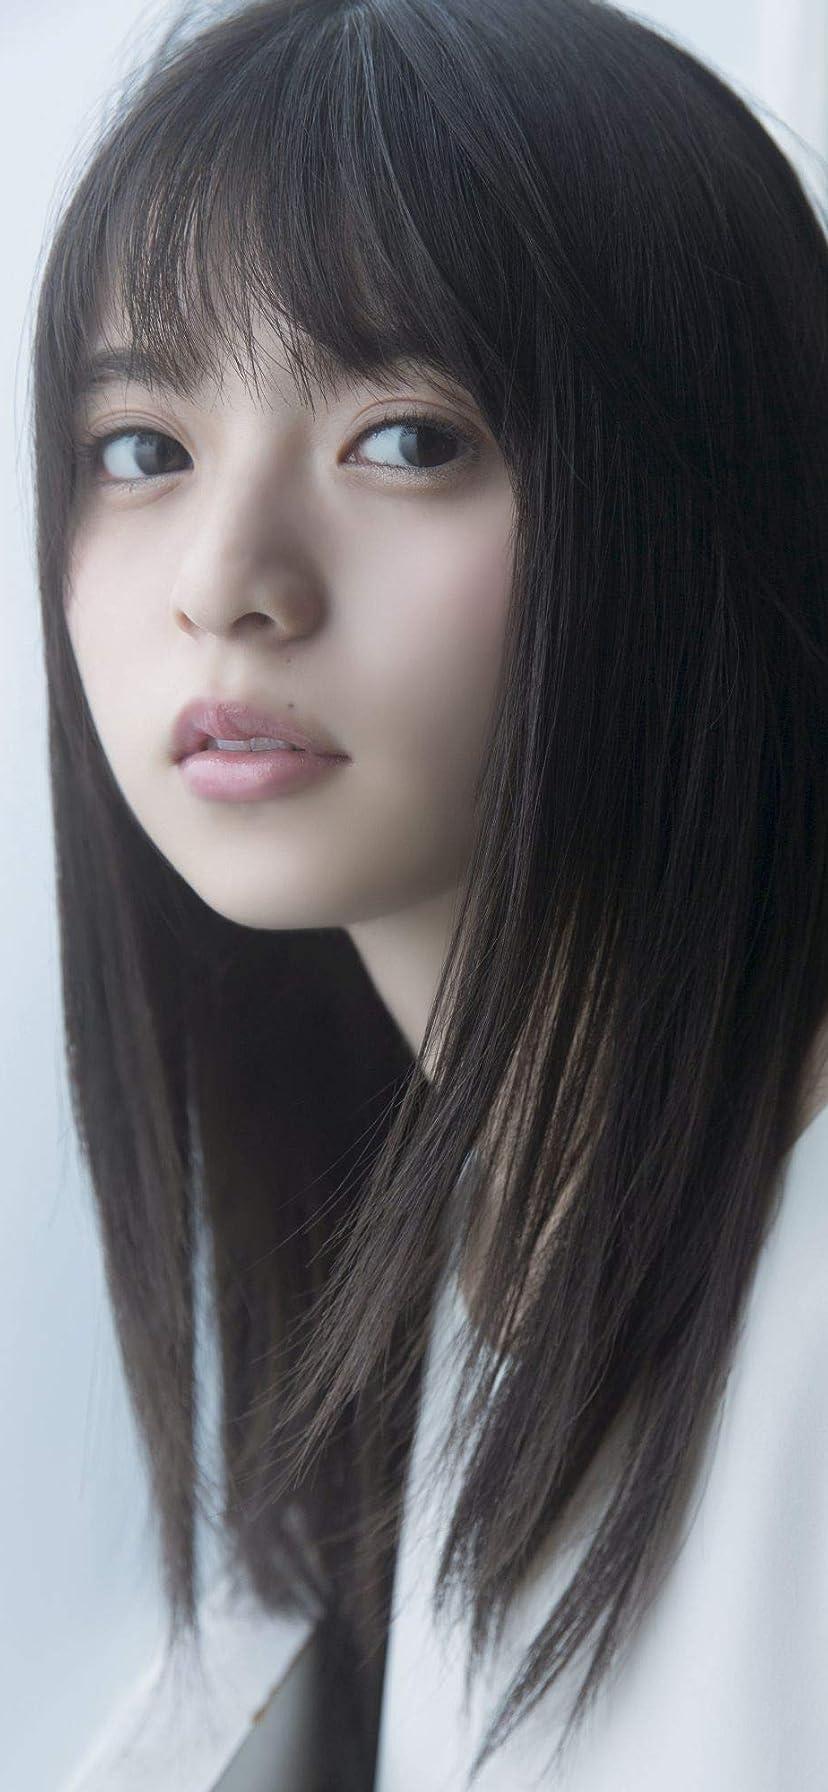 乃木坂46 齋藤飛鳥 iPhone XR,XS Max 壁紙画像